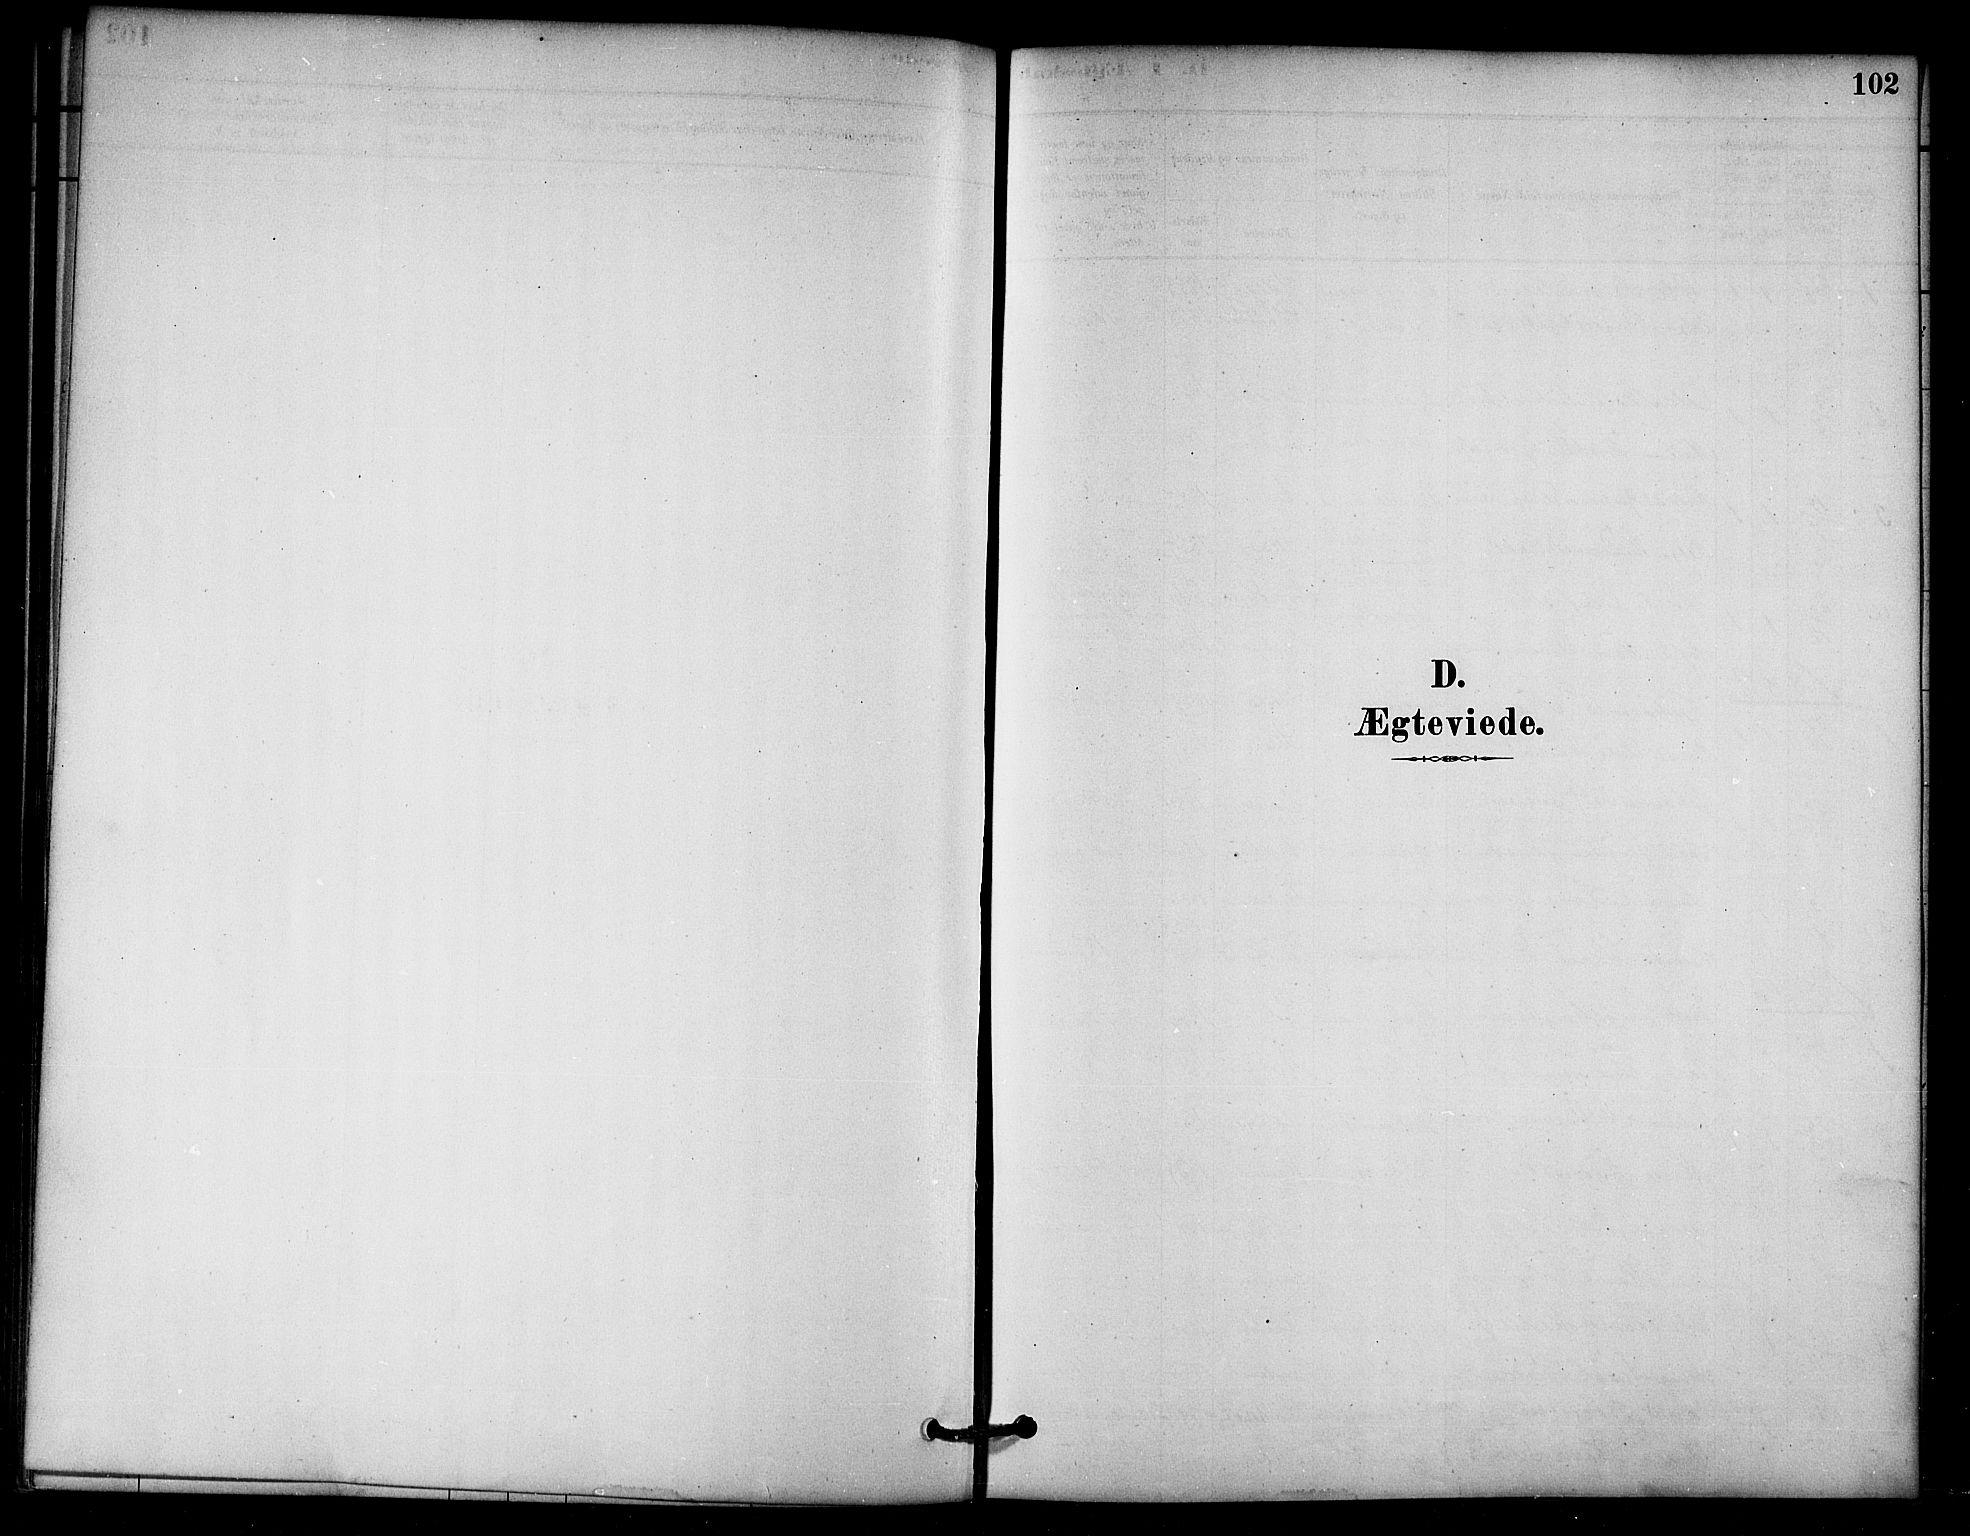 SAT, Ministerialprotokoller, klokkerbøker og fødselsregistre - Nord-Trøndelag, 766/L0563: Ministerialbok nr. 767A01, 1881-1899, s. 102